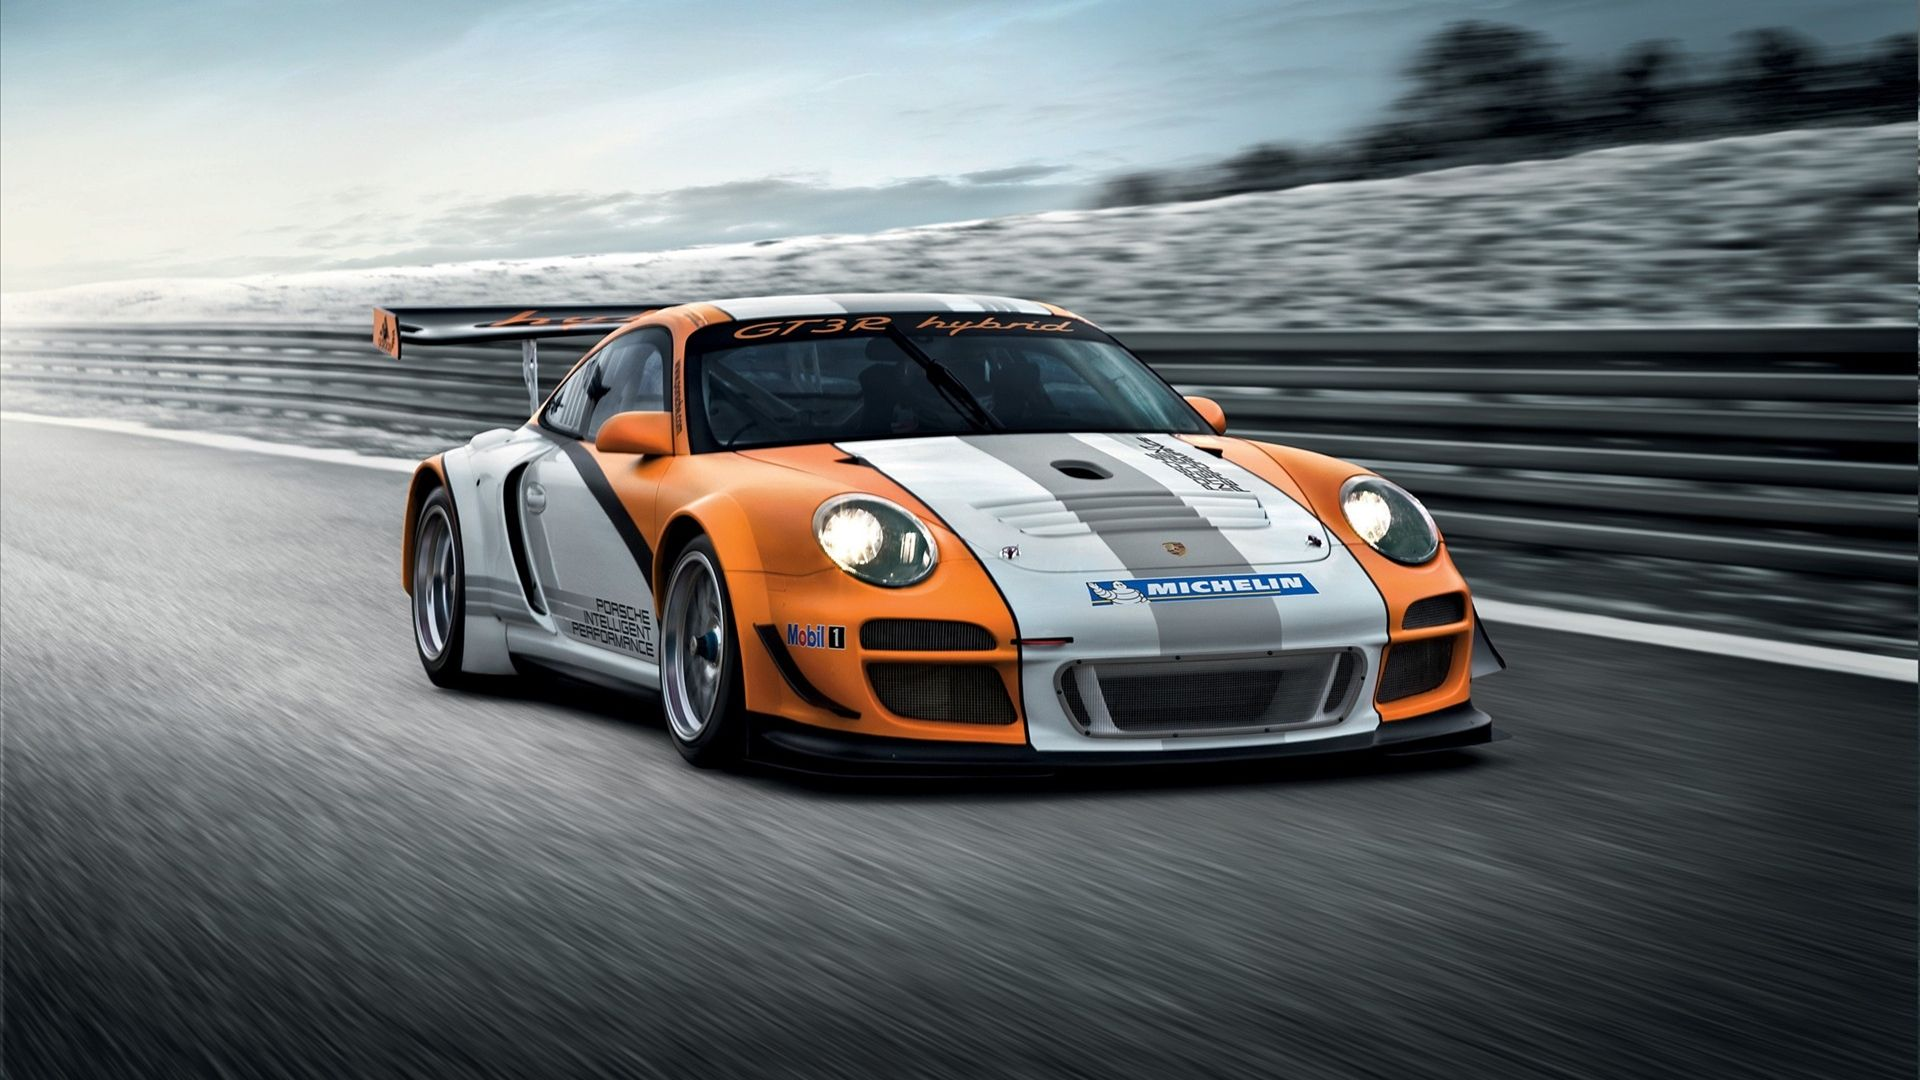 Porsche Wallpaper Hd Wallpaper At Wallpapersmap Com Porsche 911 Porsche 911 Gt3 Porsche